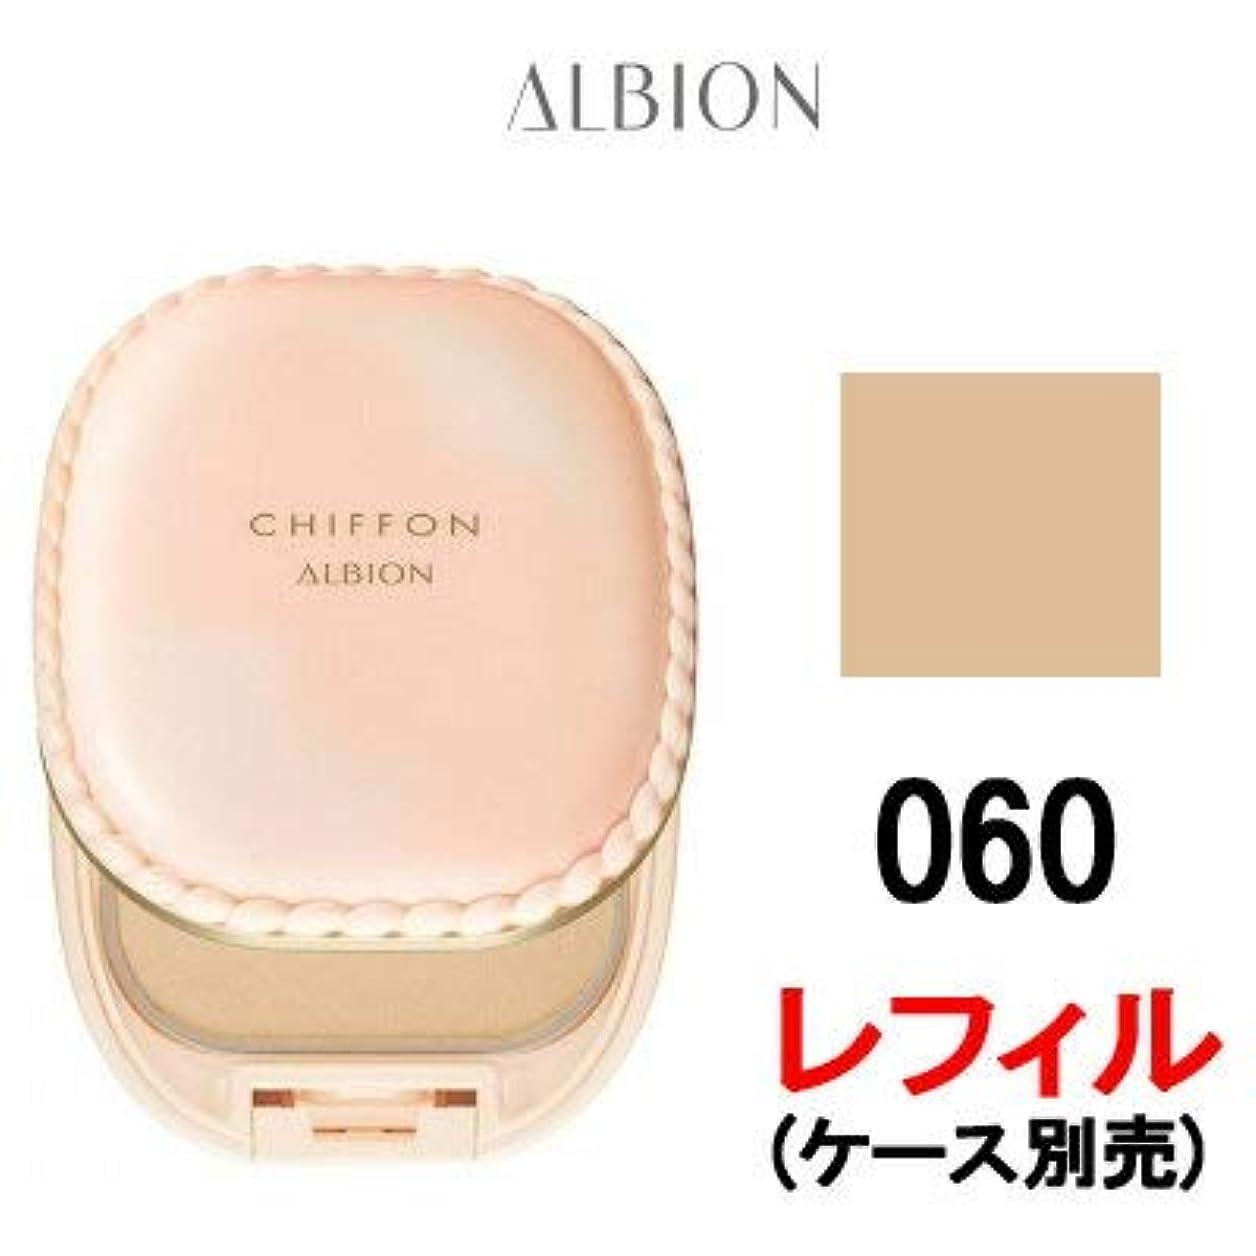 アルビオン スウィートモイスチュアシフォン (060) レフィル ケース別 SPF22?PA++10g